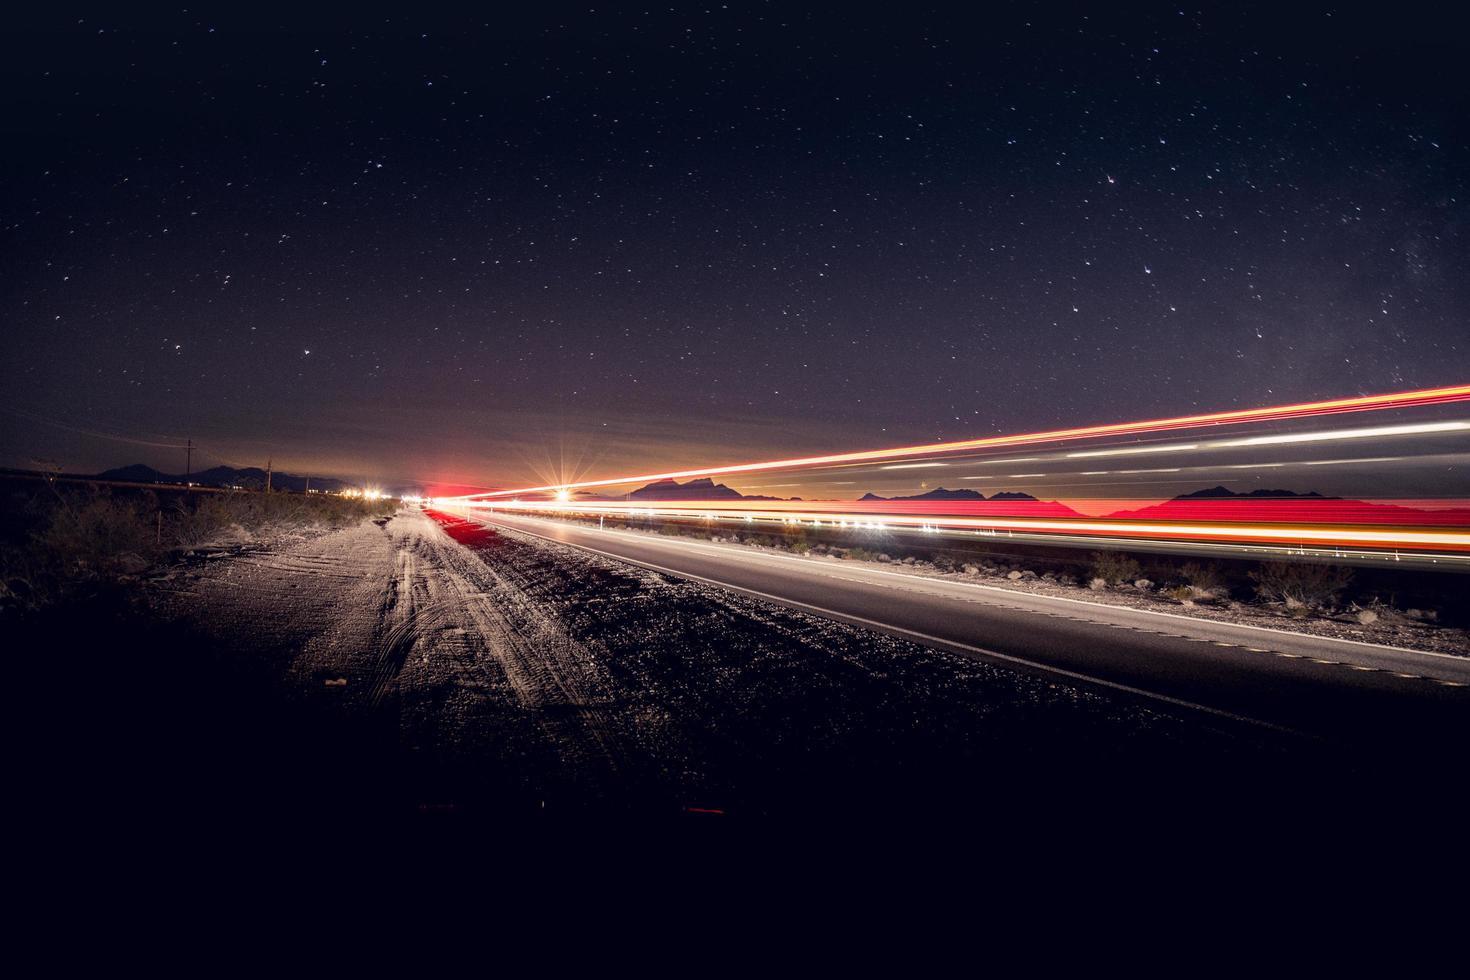 tidsinställd fotografering av fordon på väg foto